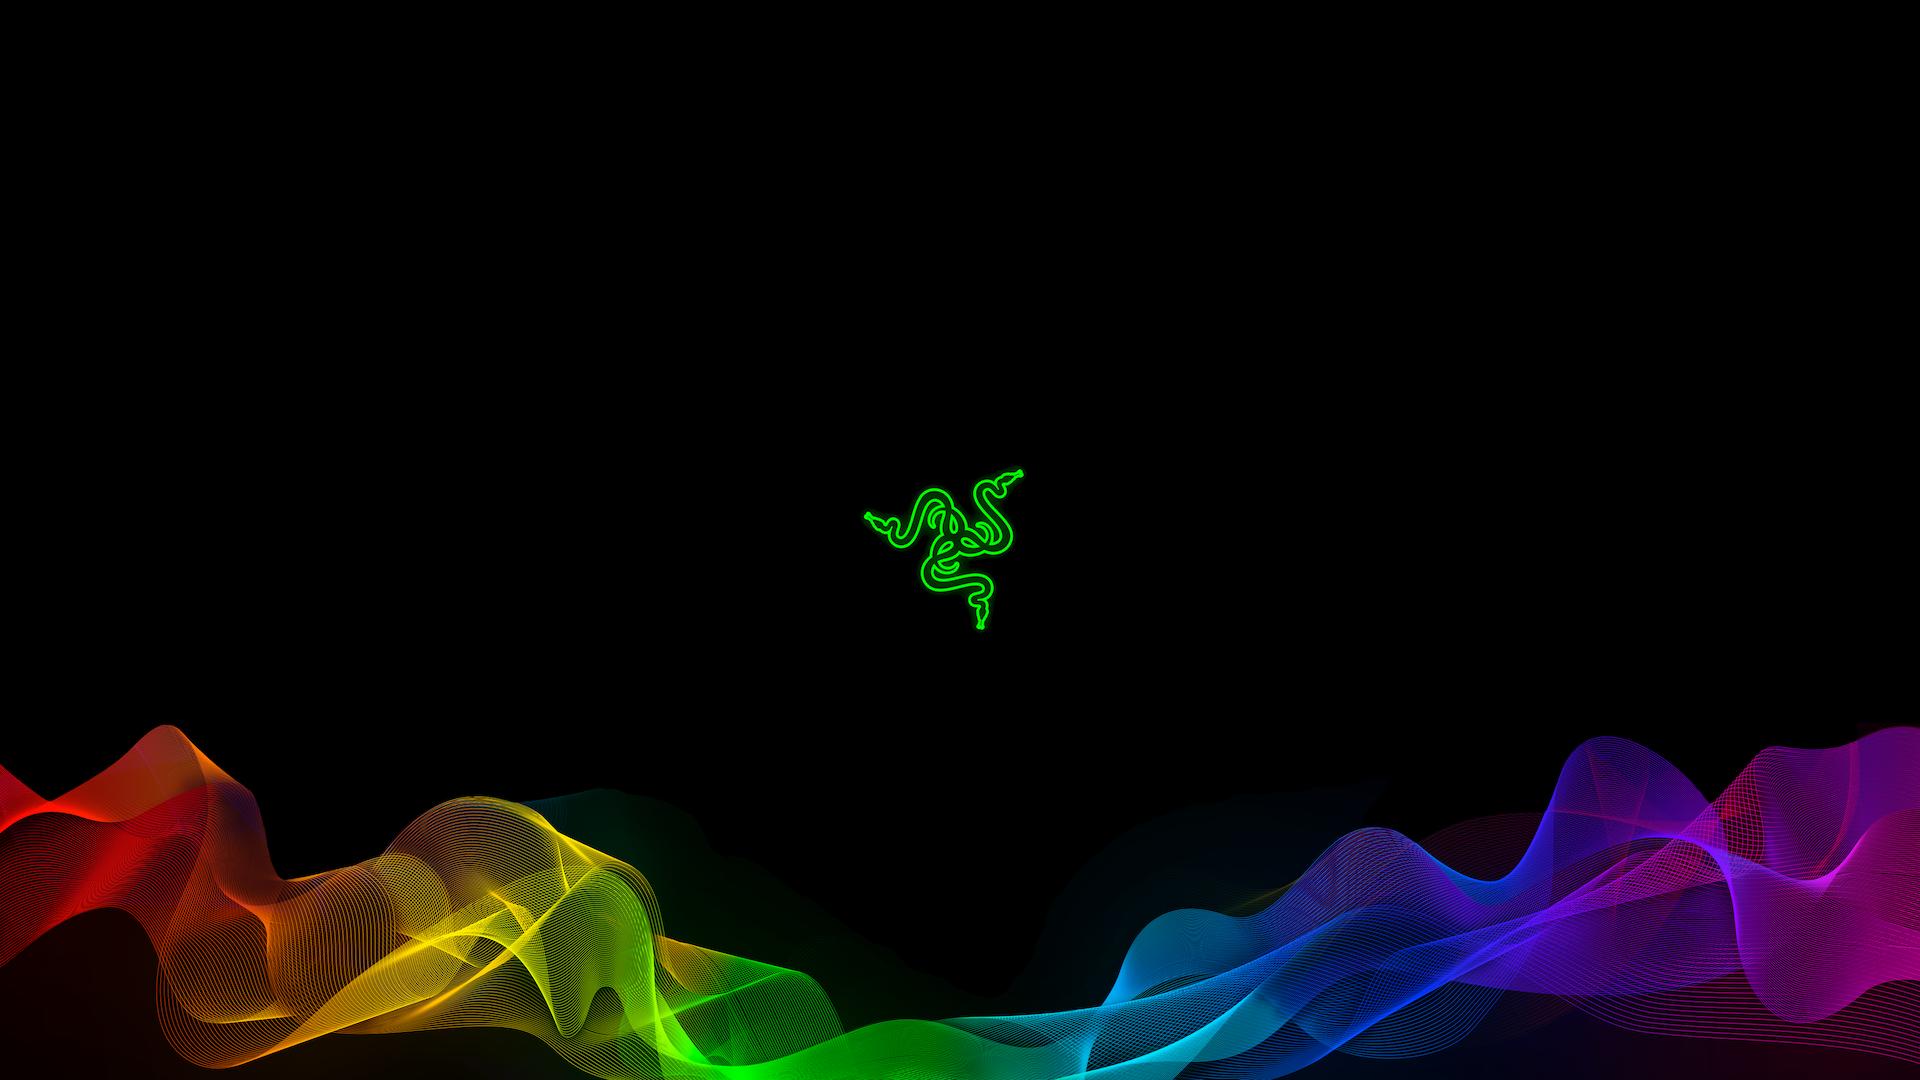 Wallpaper For Windows 10 Razer